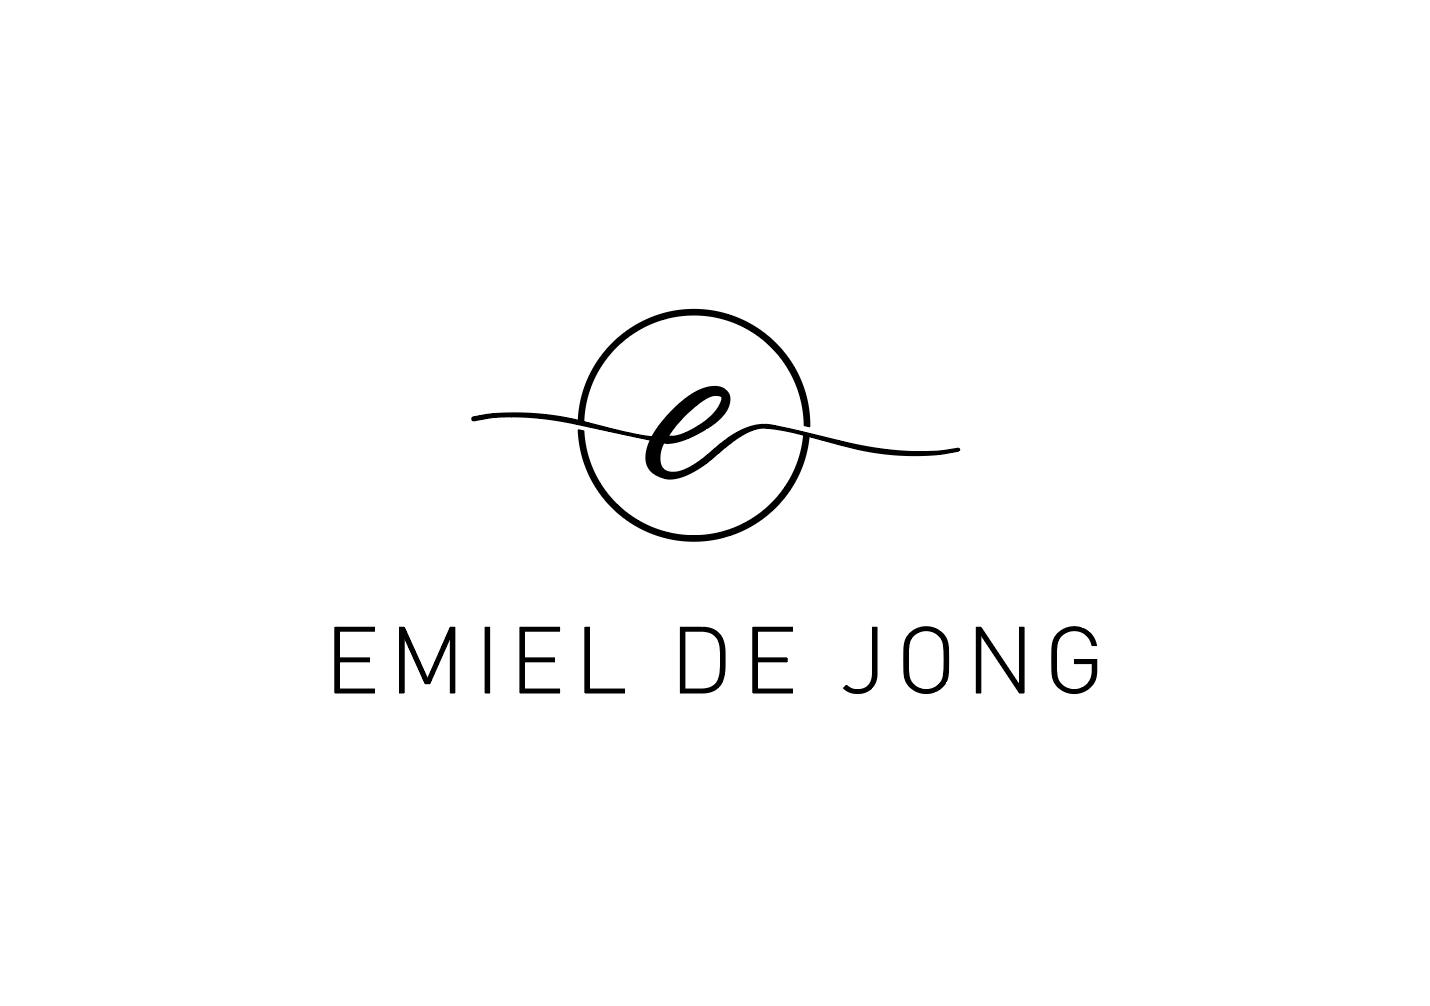 EMIEL DE JONG